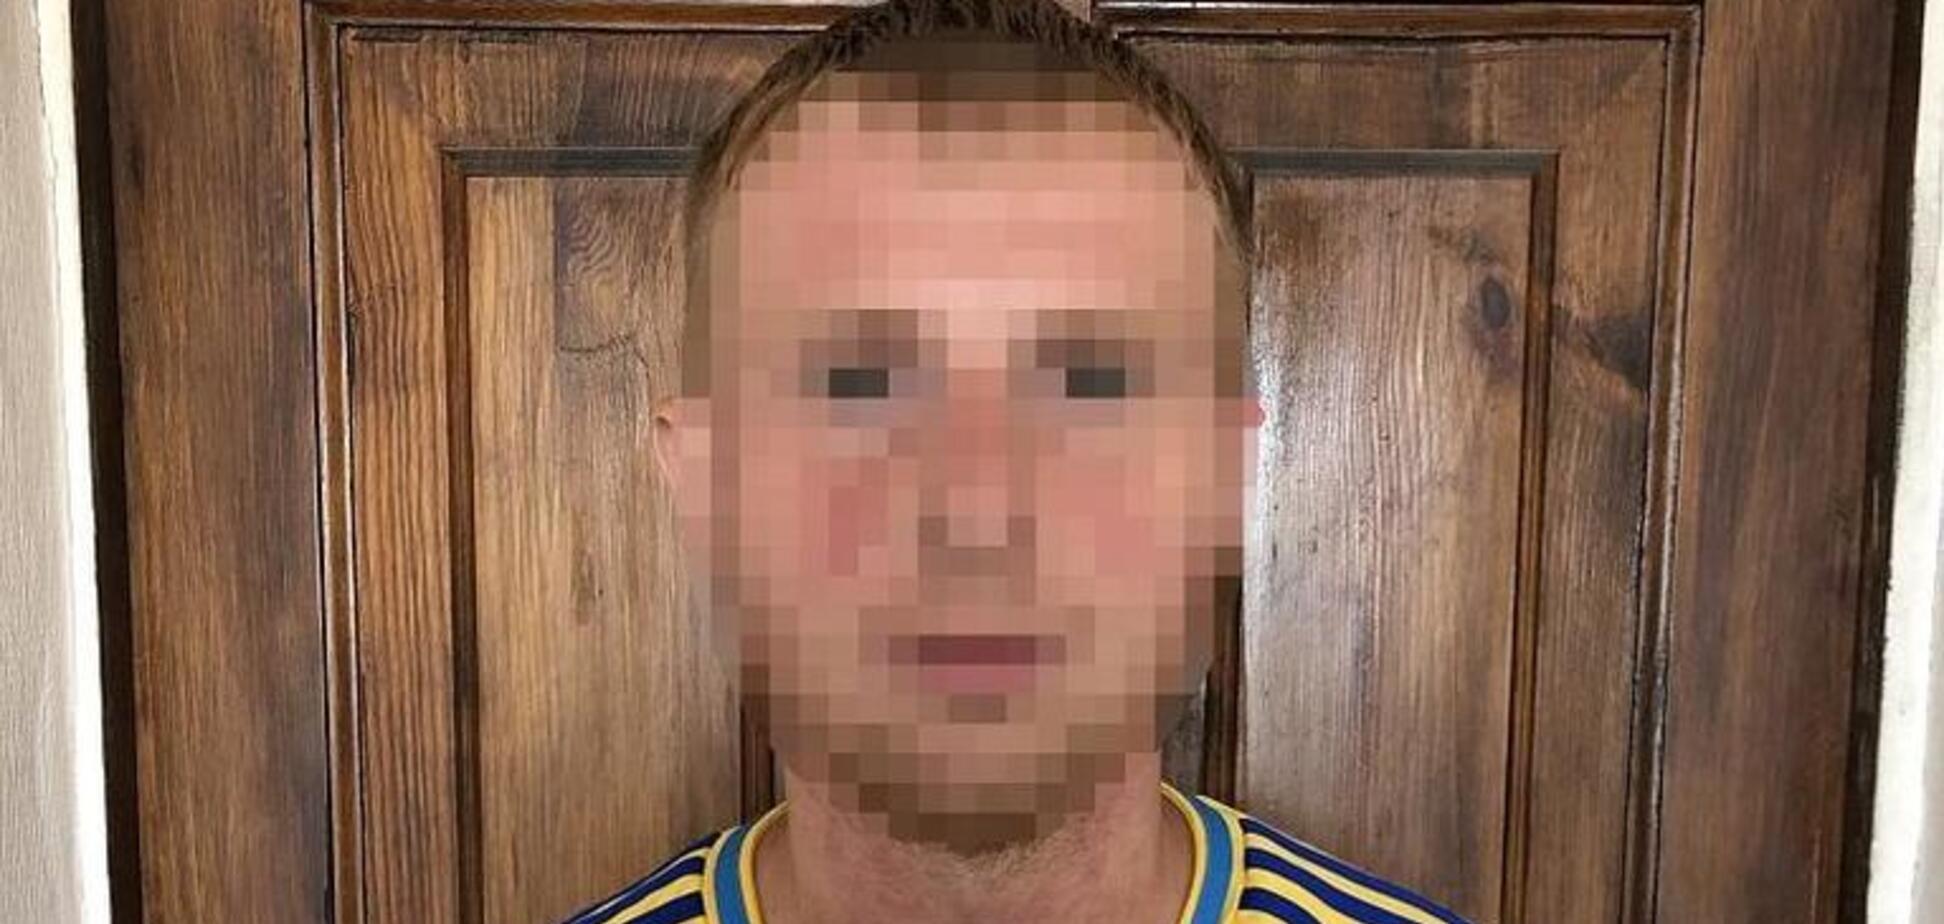 Бив і відбирав золото: поліція затримала київського серійного грабіжника